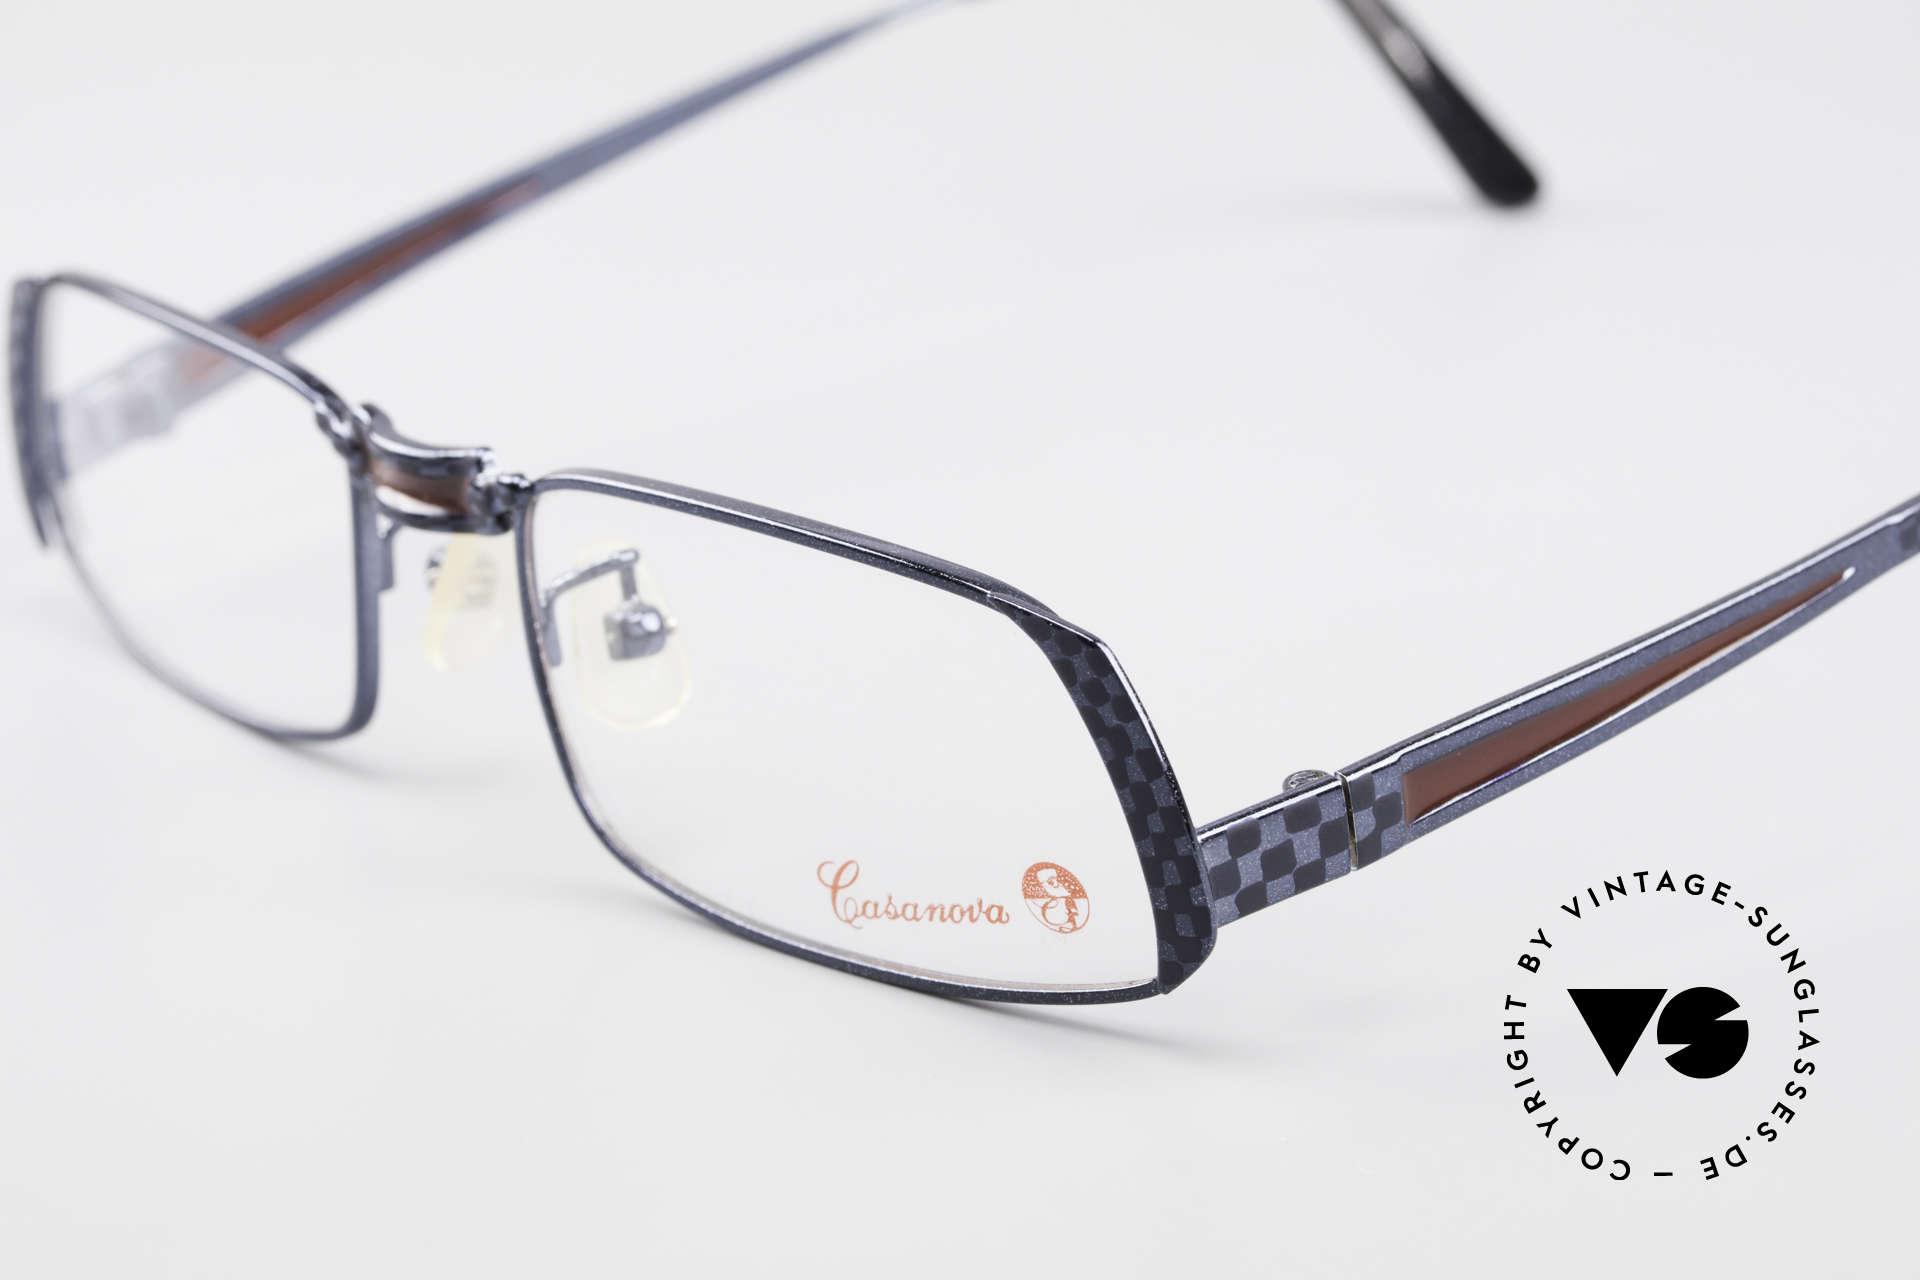 Casanova LC70 Alte Vintage Designer Brille, eine wirklich sehr außergewöhnliche Designer-Brille!, Passend für Herren und Damen